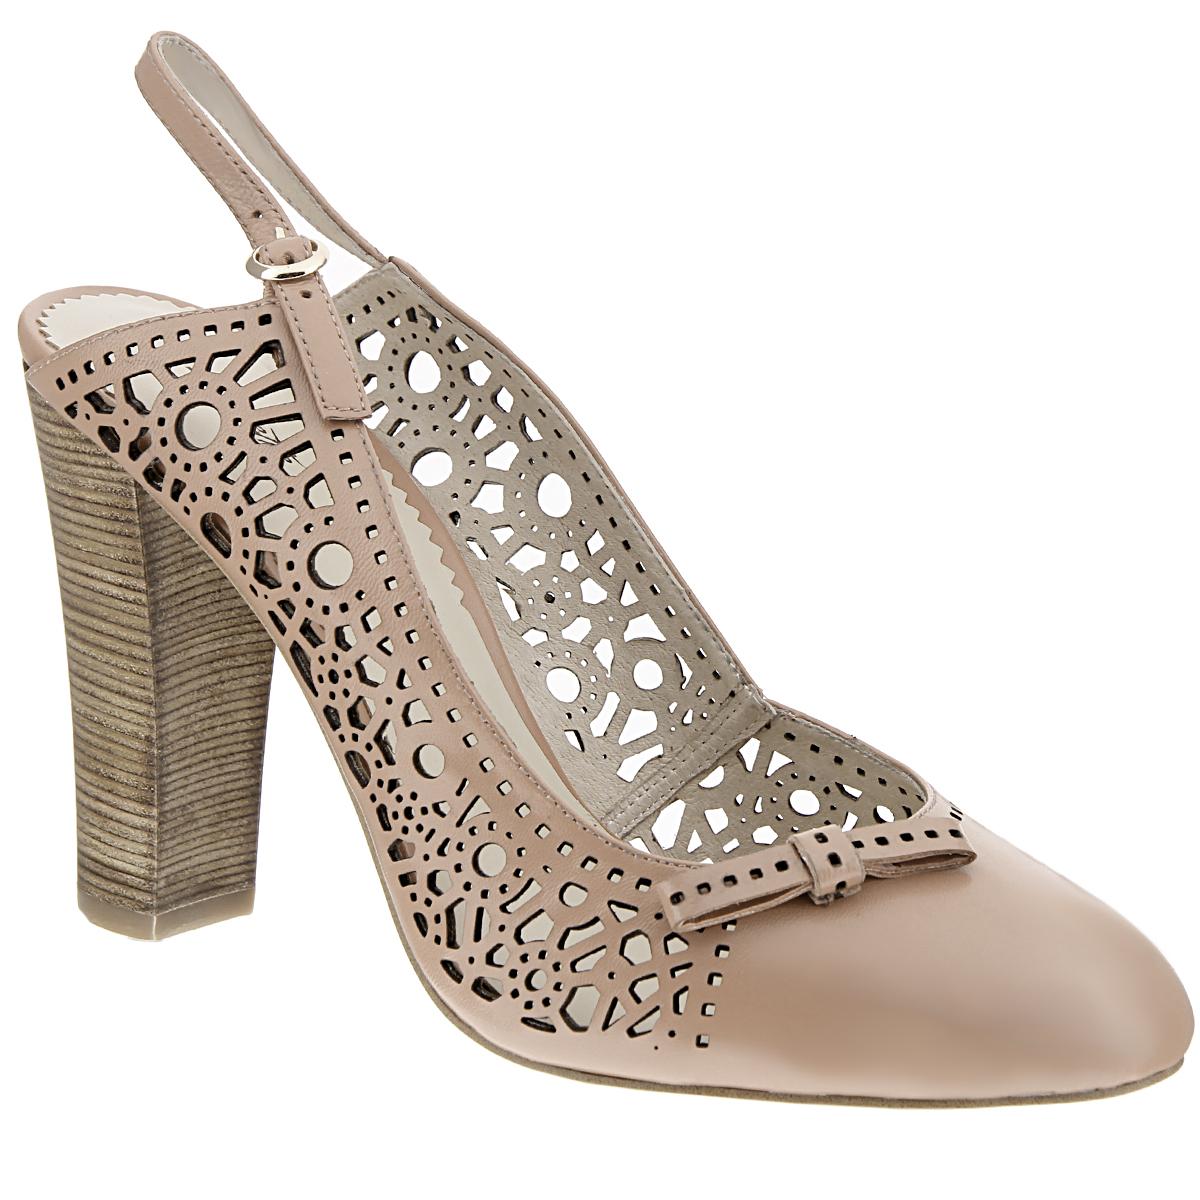 Туфли женские. X221-01X221-01BЯркие женские туфли на каблуке от Lisette прекрасно подчеркнут ваш стиль. Верх модели и внутренняя часть выполнены из натуральной кожи. Стелька из натуральной кожи гарантирует комфорт и удобство при ходьбе. Пятка открытая. Ремешок с металлической пряжкой вокруг пятки надежно фиксирует модель на ноге. Оформлено изделие перфорацией и небольшим бантиком. Подошва выполнена из прочной резины с противоскользящим рифлением. Устойчивый широкий каблук оформлен декоративной отделкой. Такие туфли станут прекрасным дополнением вашего гардероба. Они сделают вас ярче и подчеркнут вашу индивидуальность.